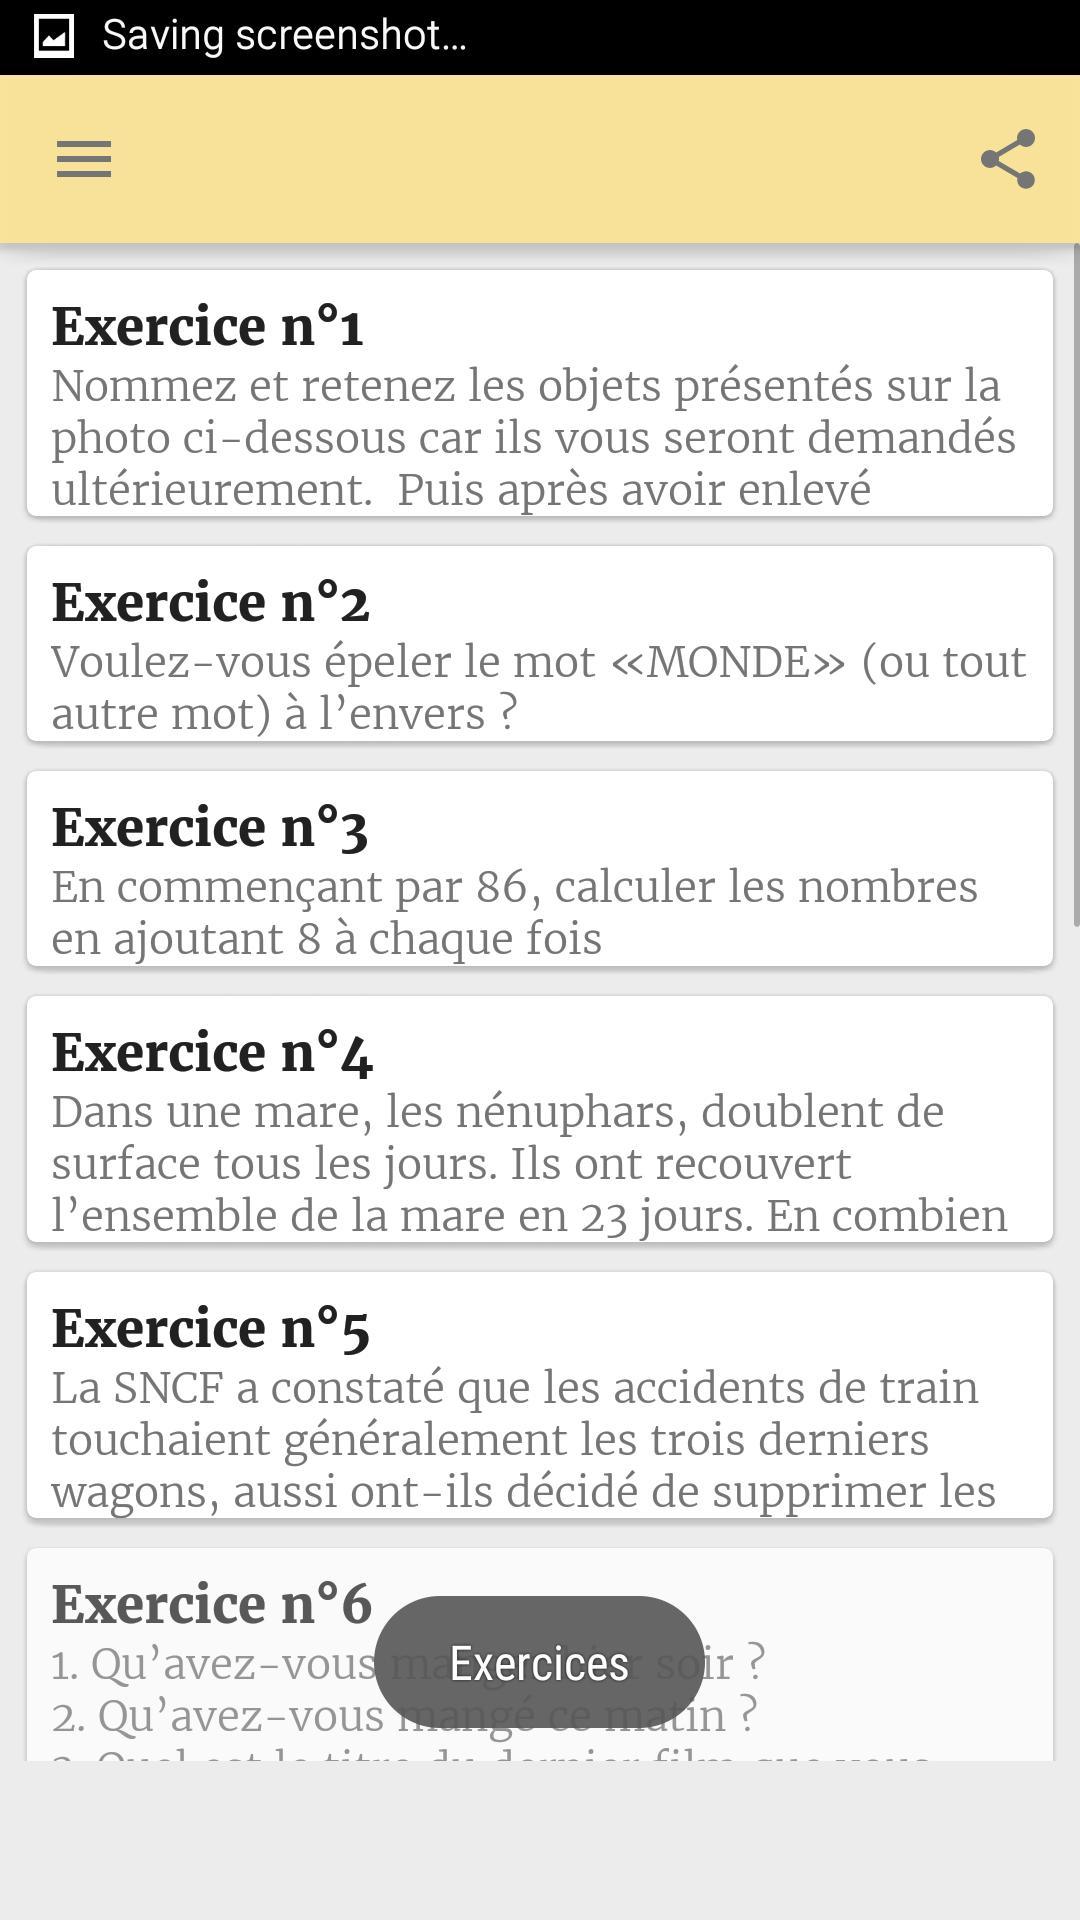 Android Için Mémoire Et Concentration Mentale - Apk'yı İndir serapportantà Jeux De Concentration À Imprimer